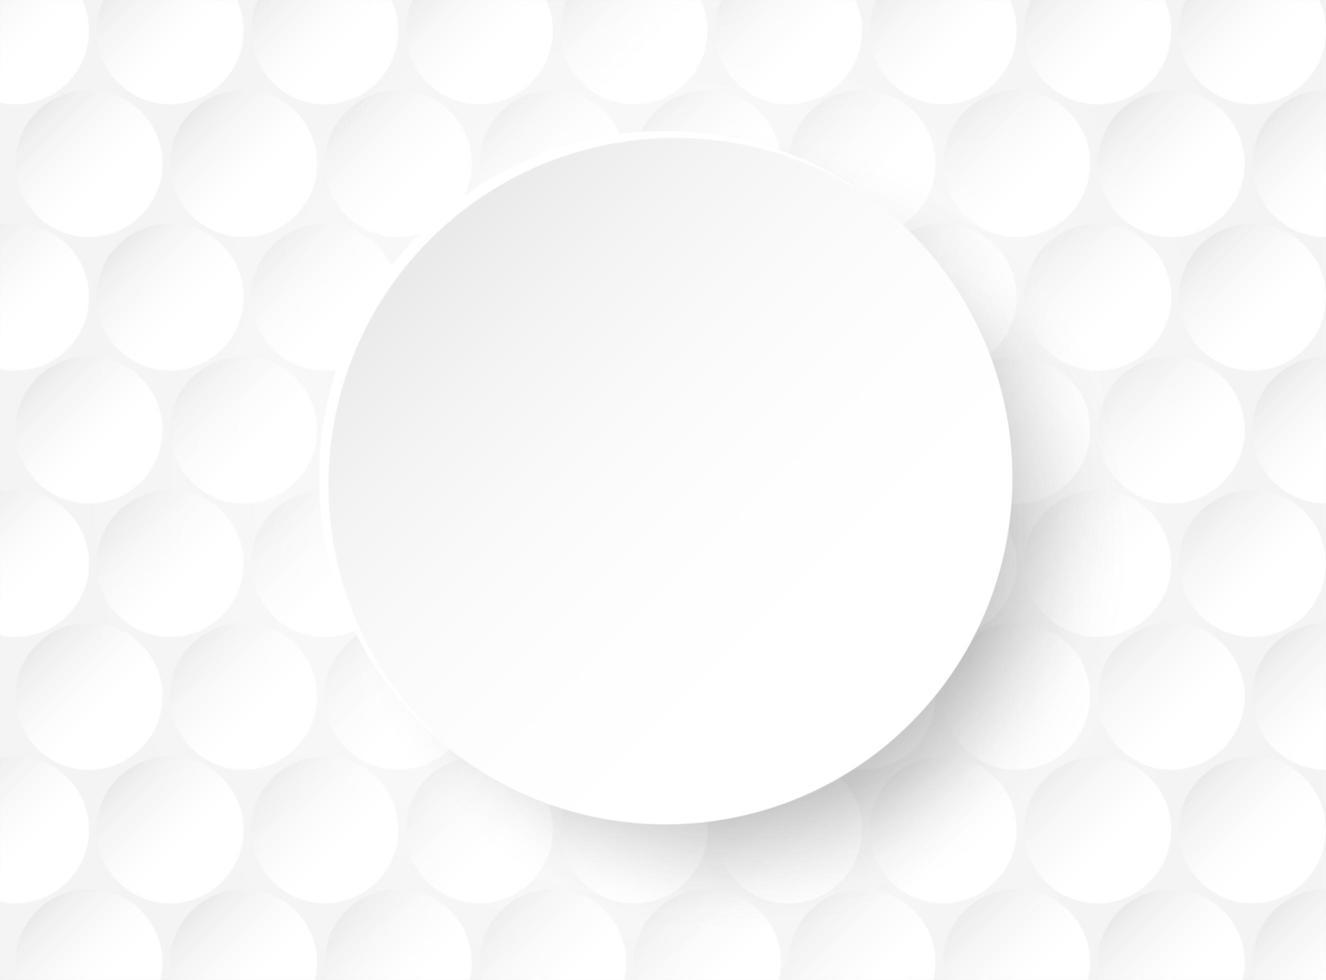 weißer Kreisentwurf mit Licht und Schatten vektor